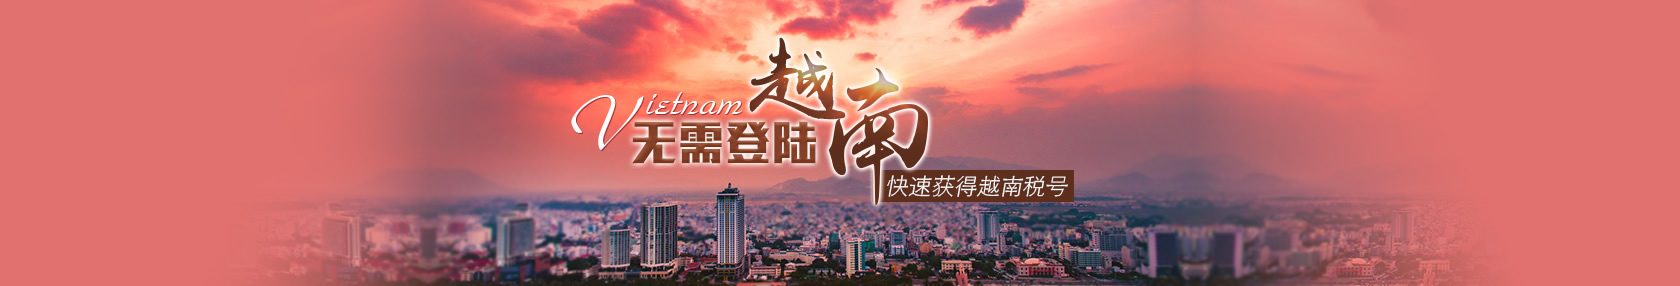 【个人税号】无需登陆越南快速获得越南税号